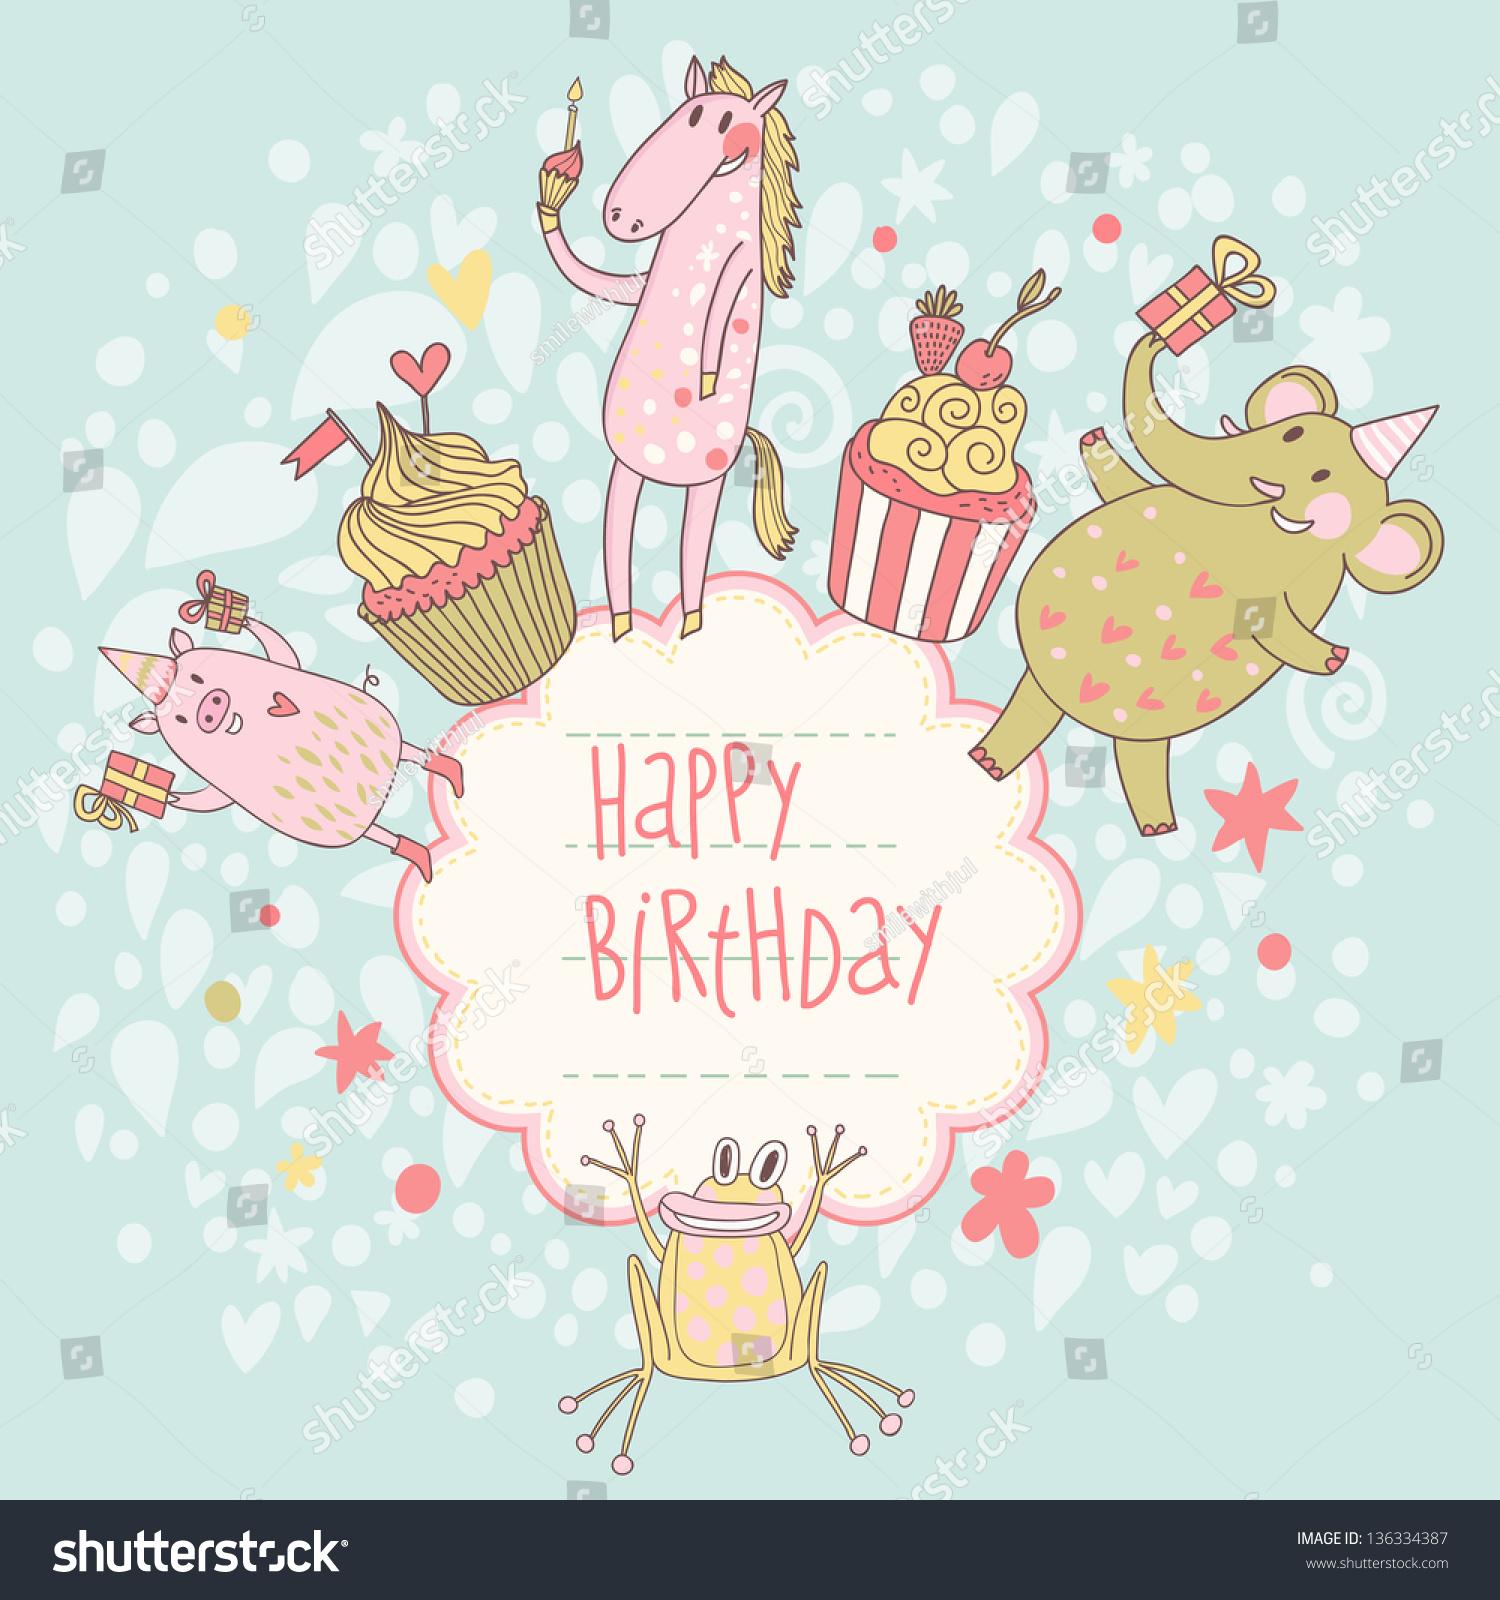 Funny Happy Birthday Card Cute Animals Vector 136334387 – Happy Birthday Cards Cute